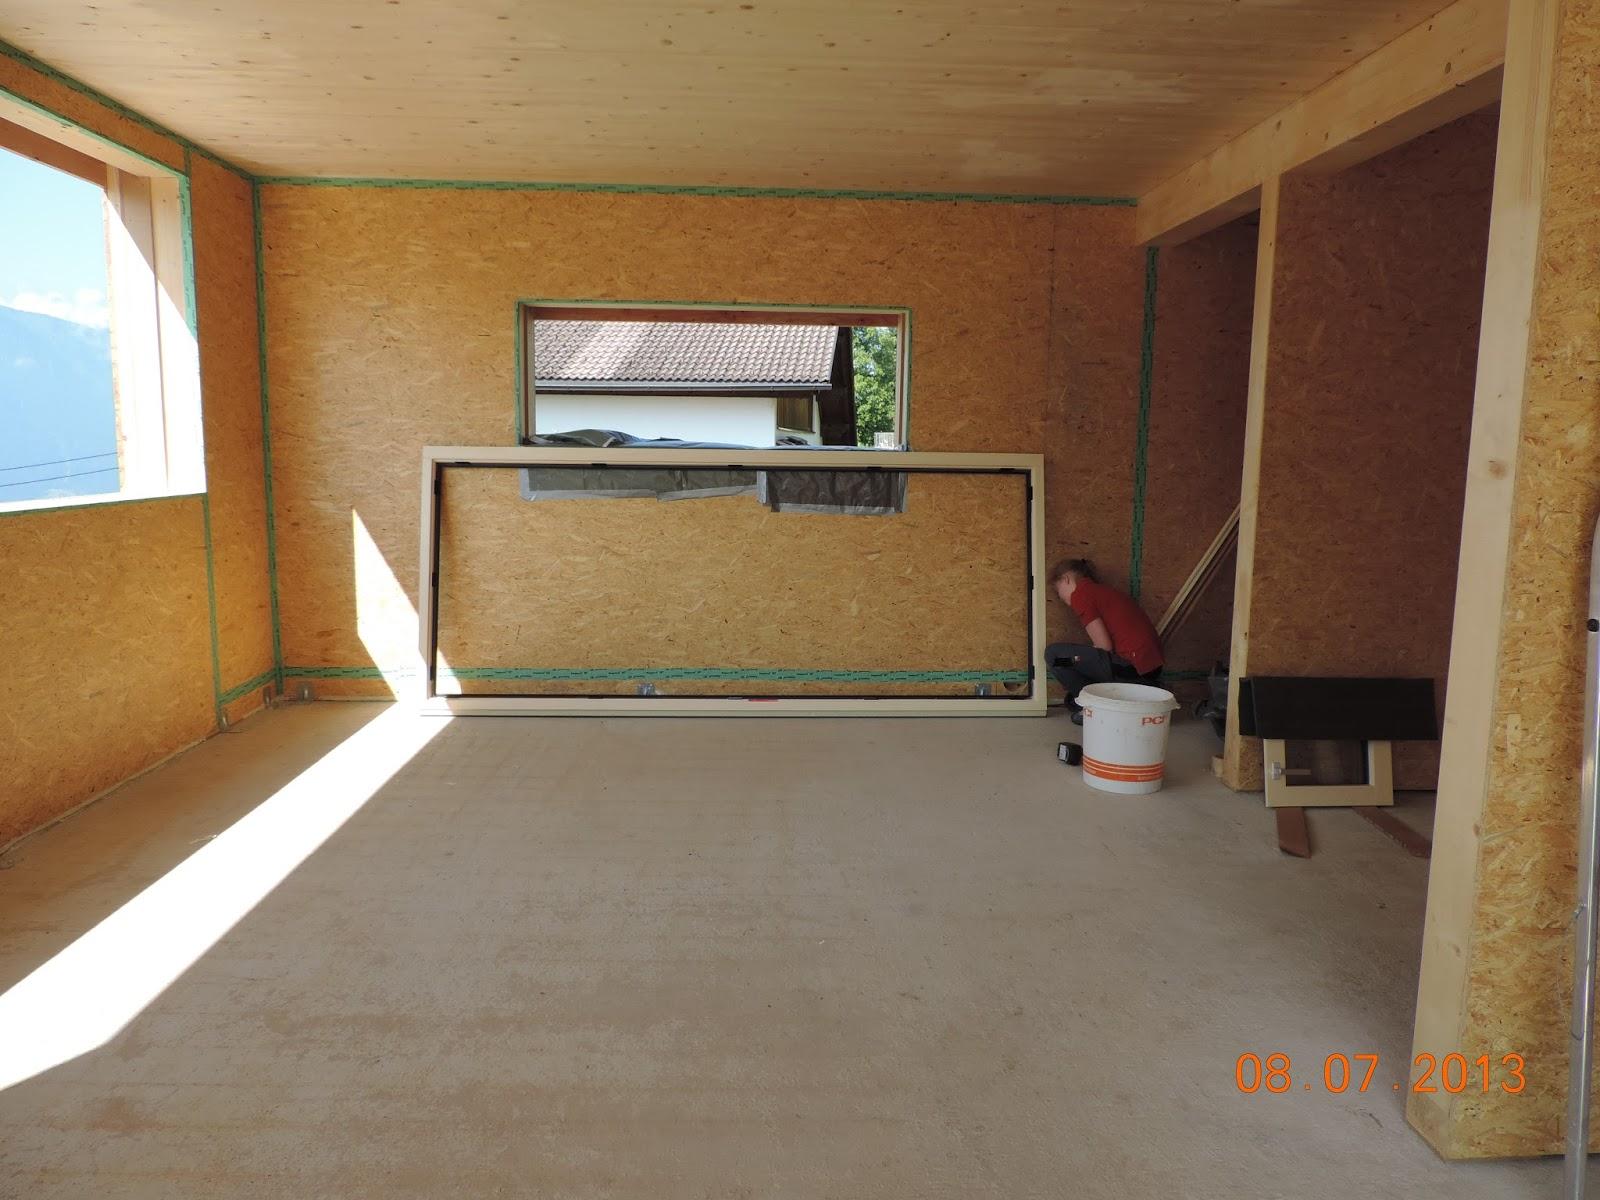 hausbau tagebuch von kathrin und kraxi kamin mauern und fenster einbau. Black Bedroom Furniture Sets. Home Design Ideas